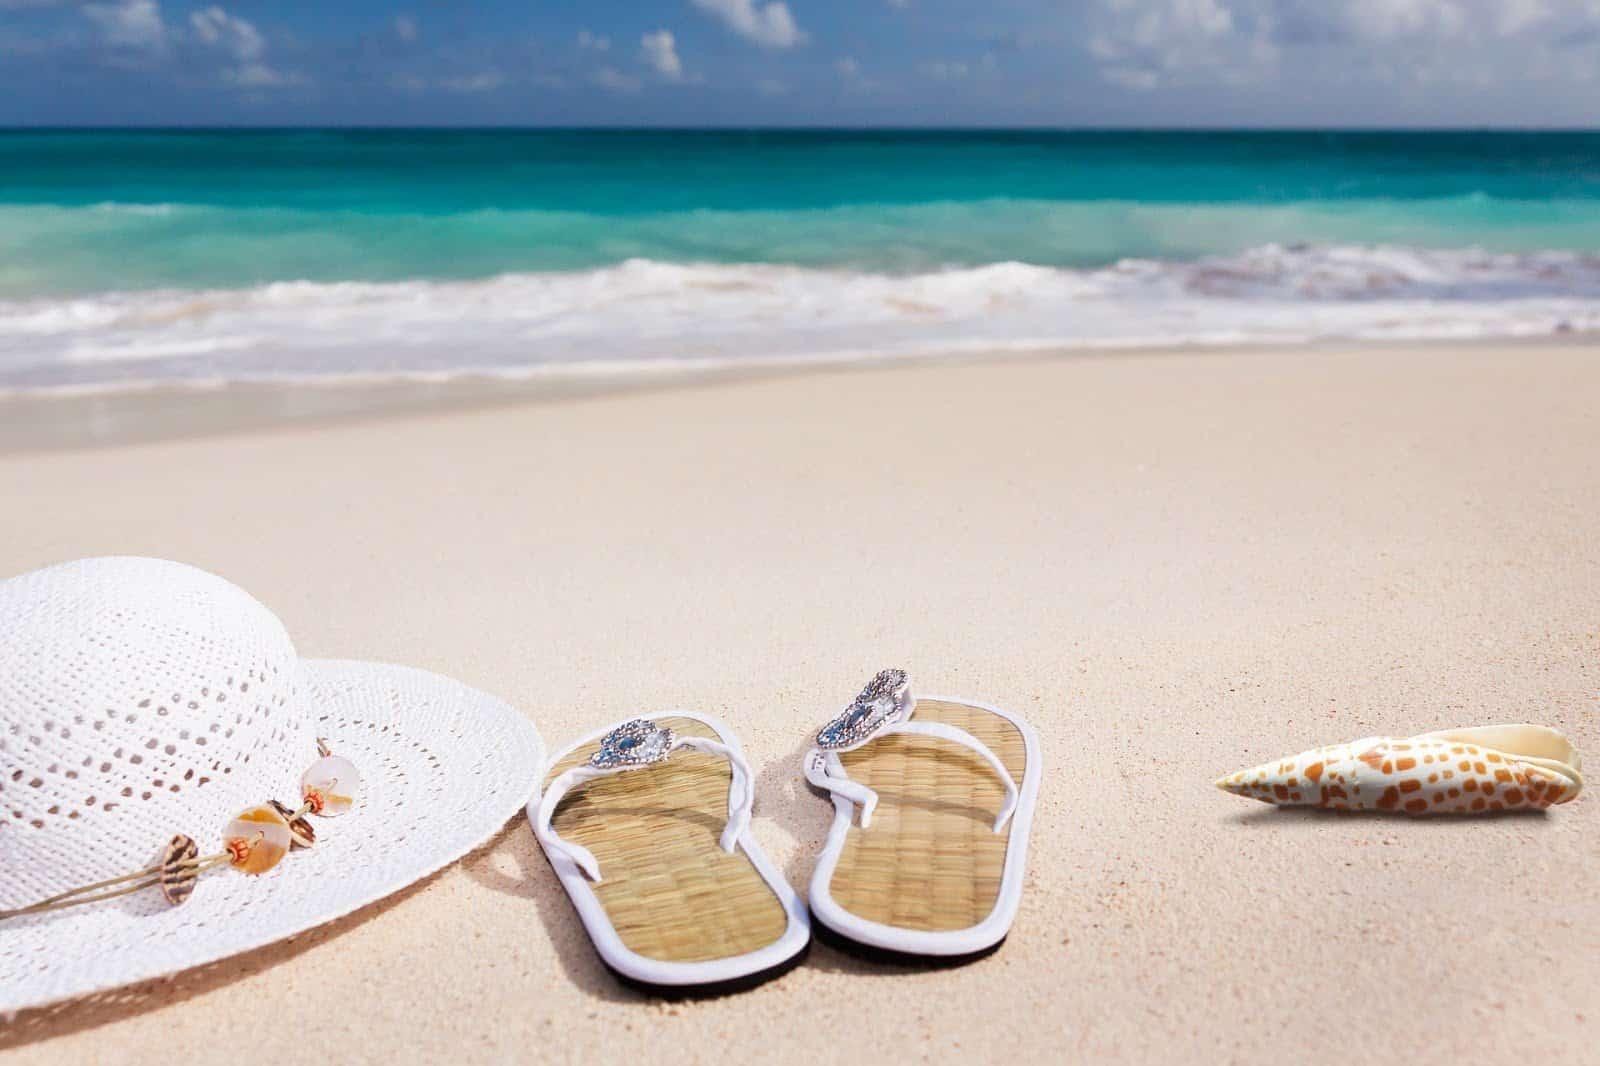 SOLE SICURO: come proteggersi correttamente dal sole